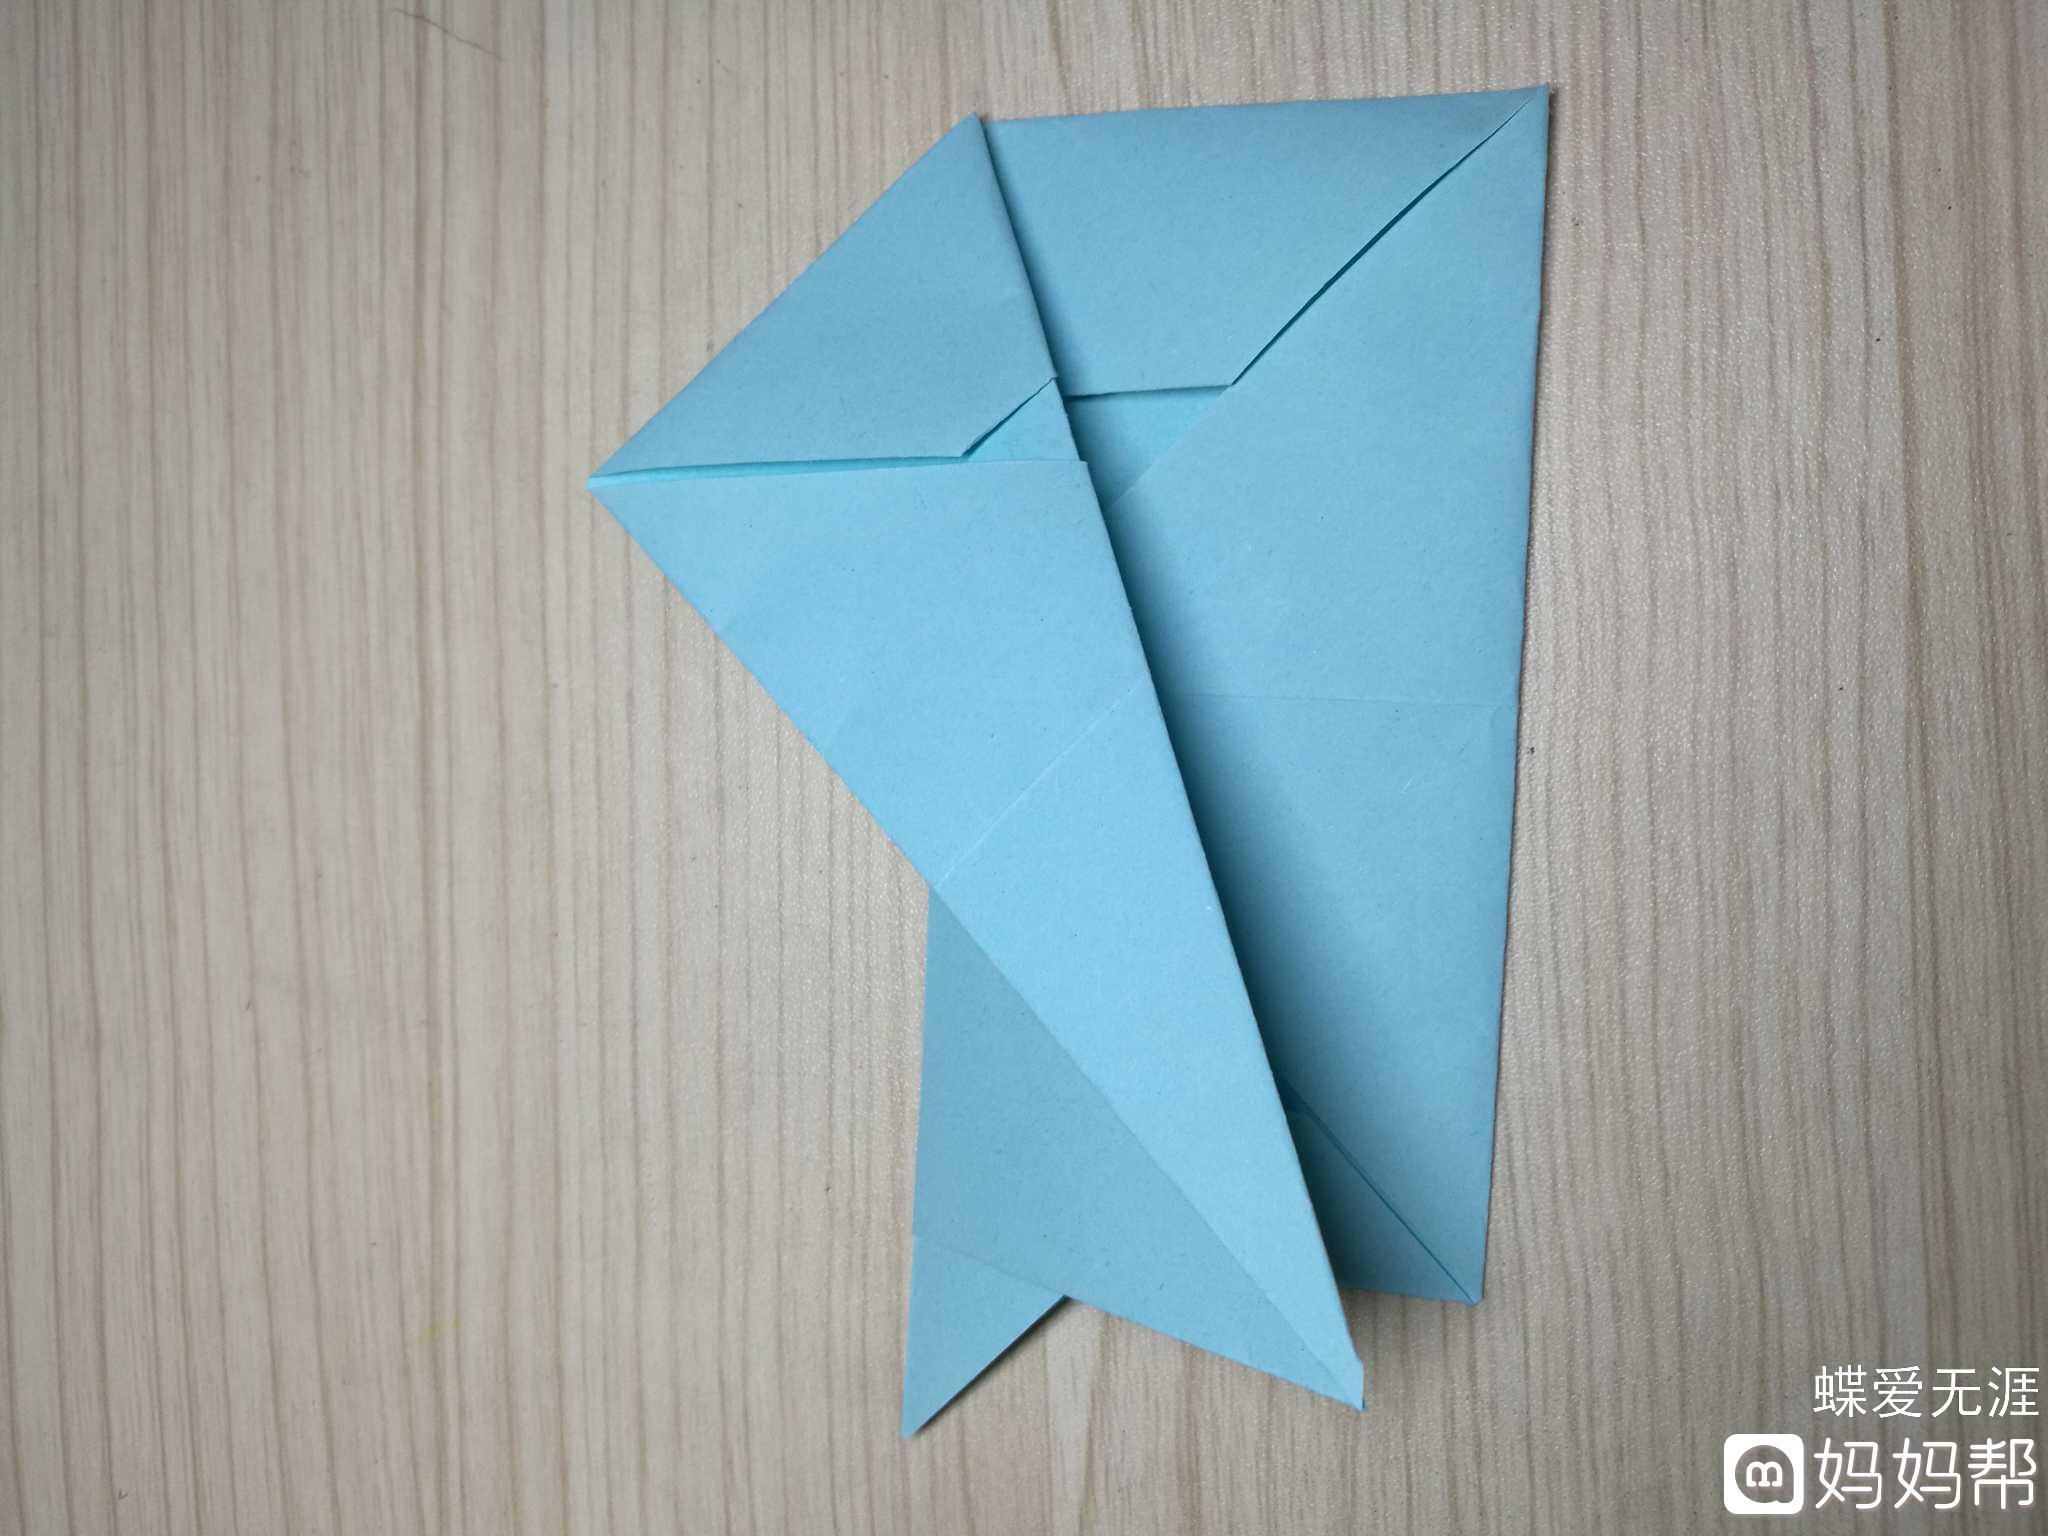 手工日记#折纸小狗汪汪汪 制作步骤